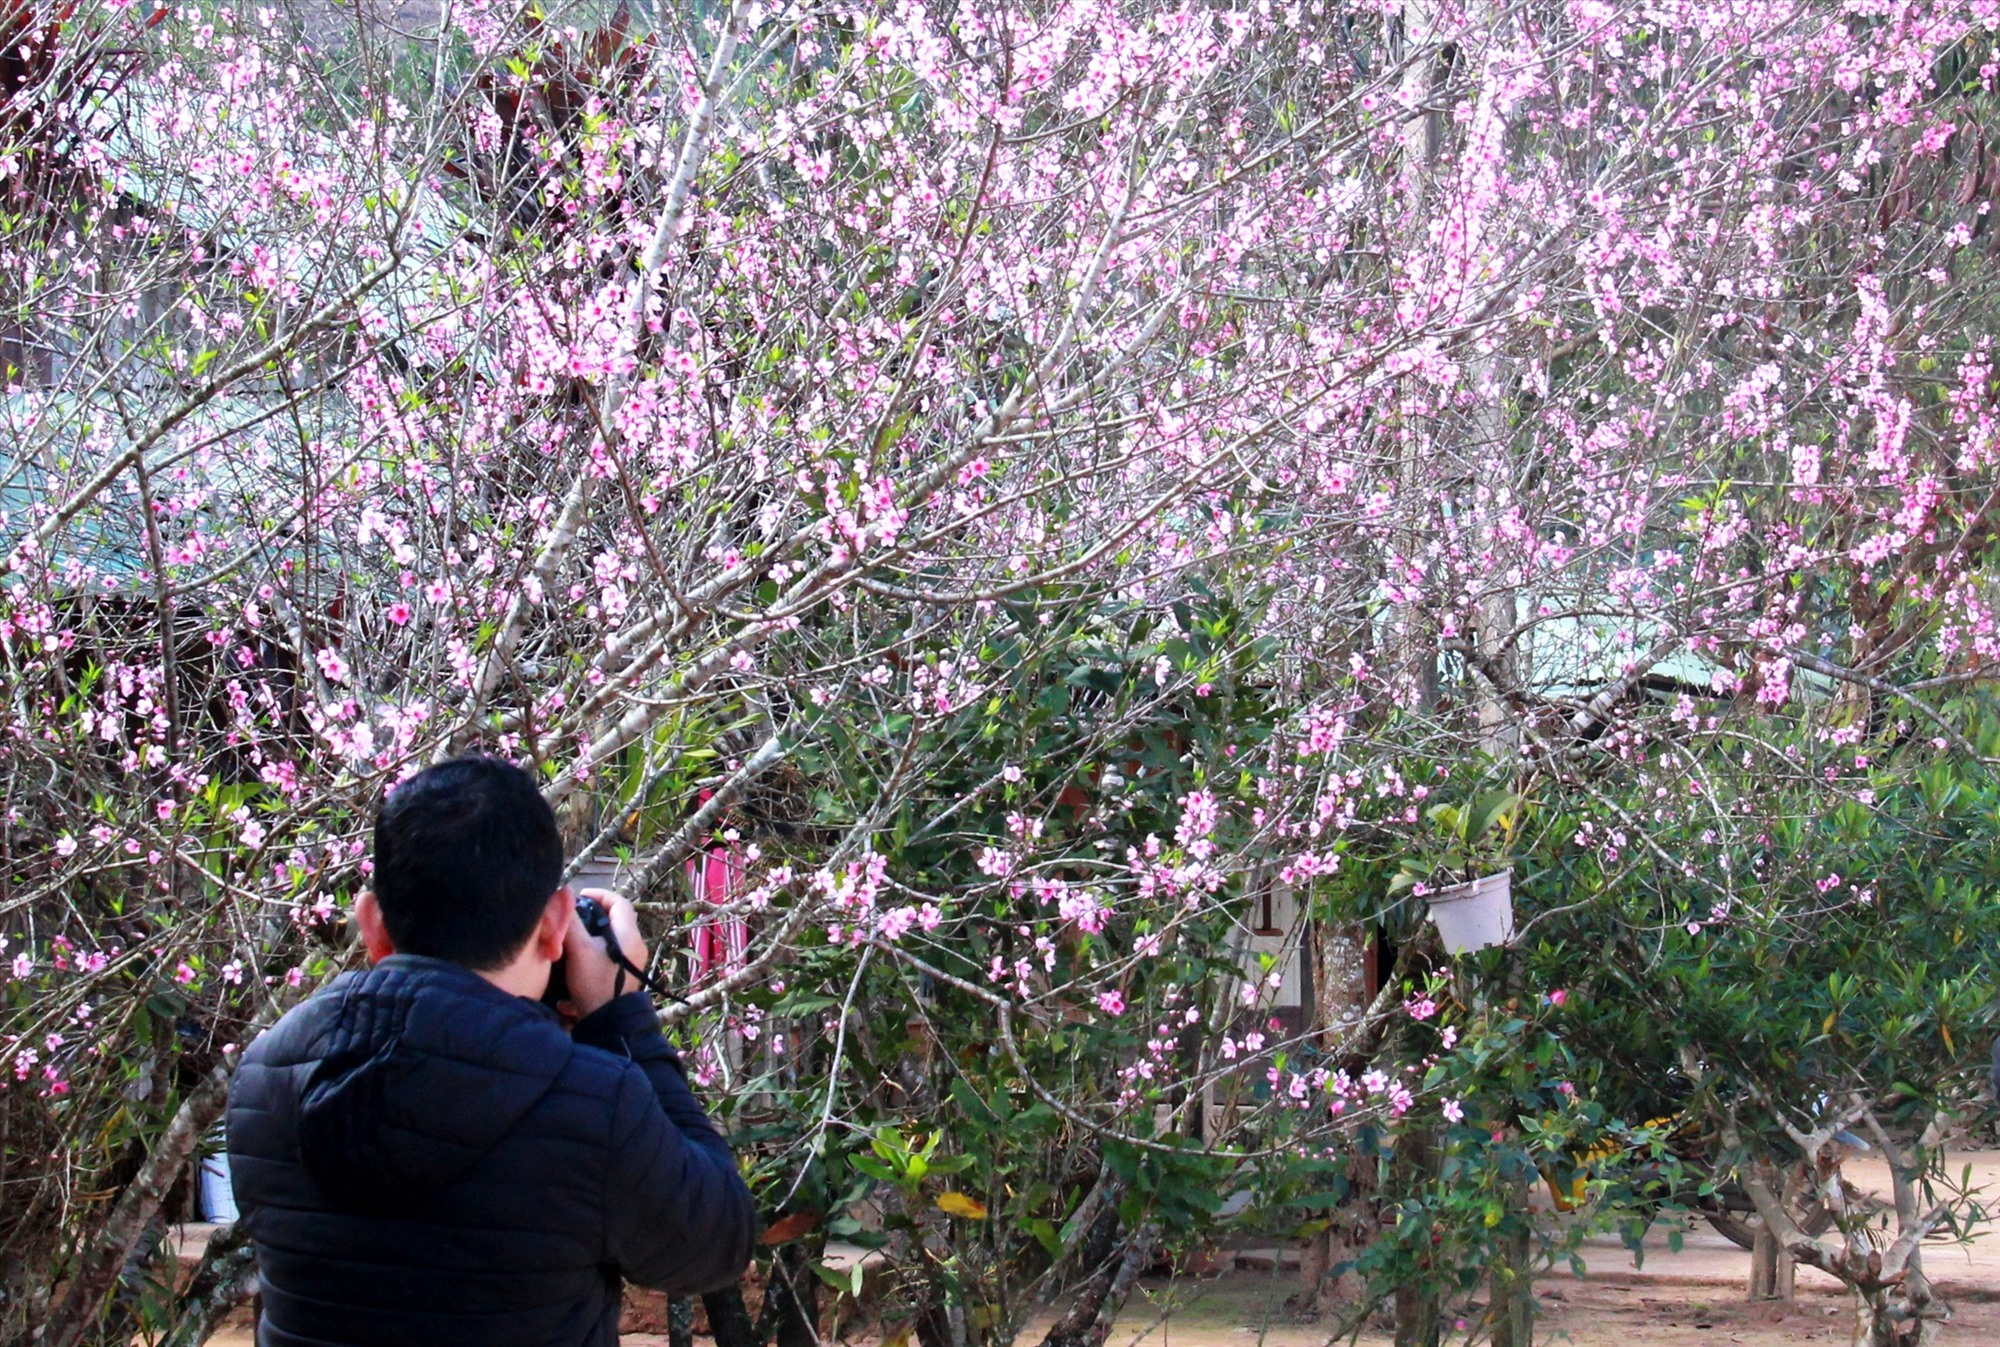 Du khách ghi lại khoảnh khắc hoa đào bung nở ở Arầng. Từ